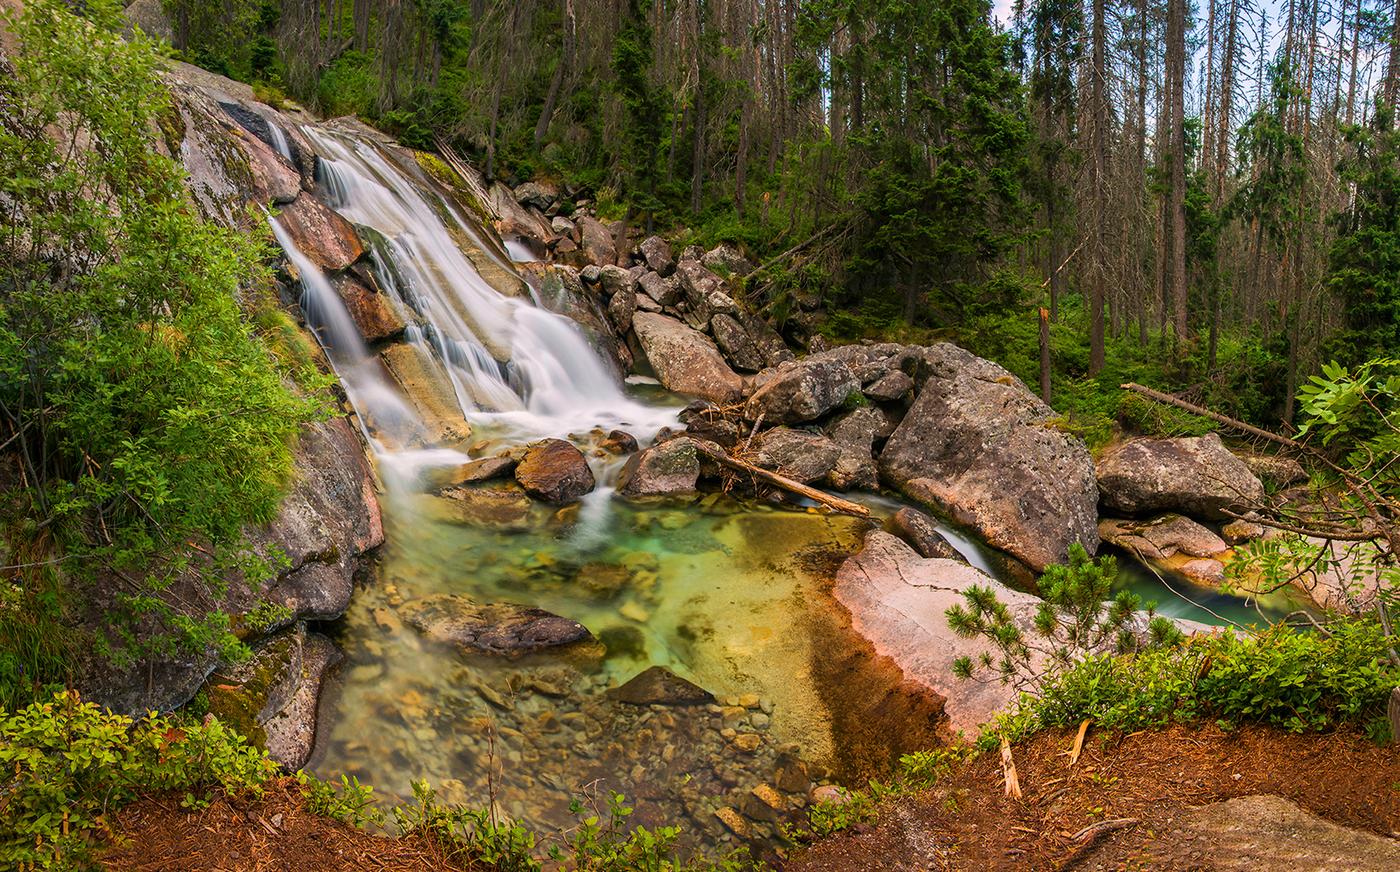 vodopády studeného potoka vo vysokých Tatrách